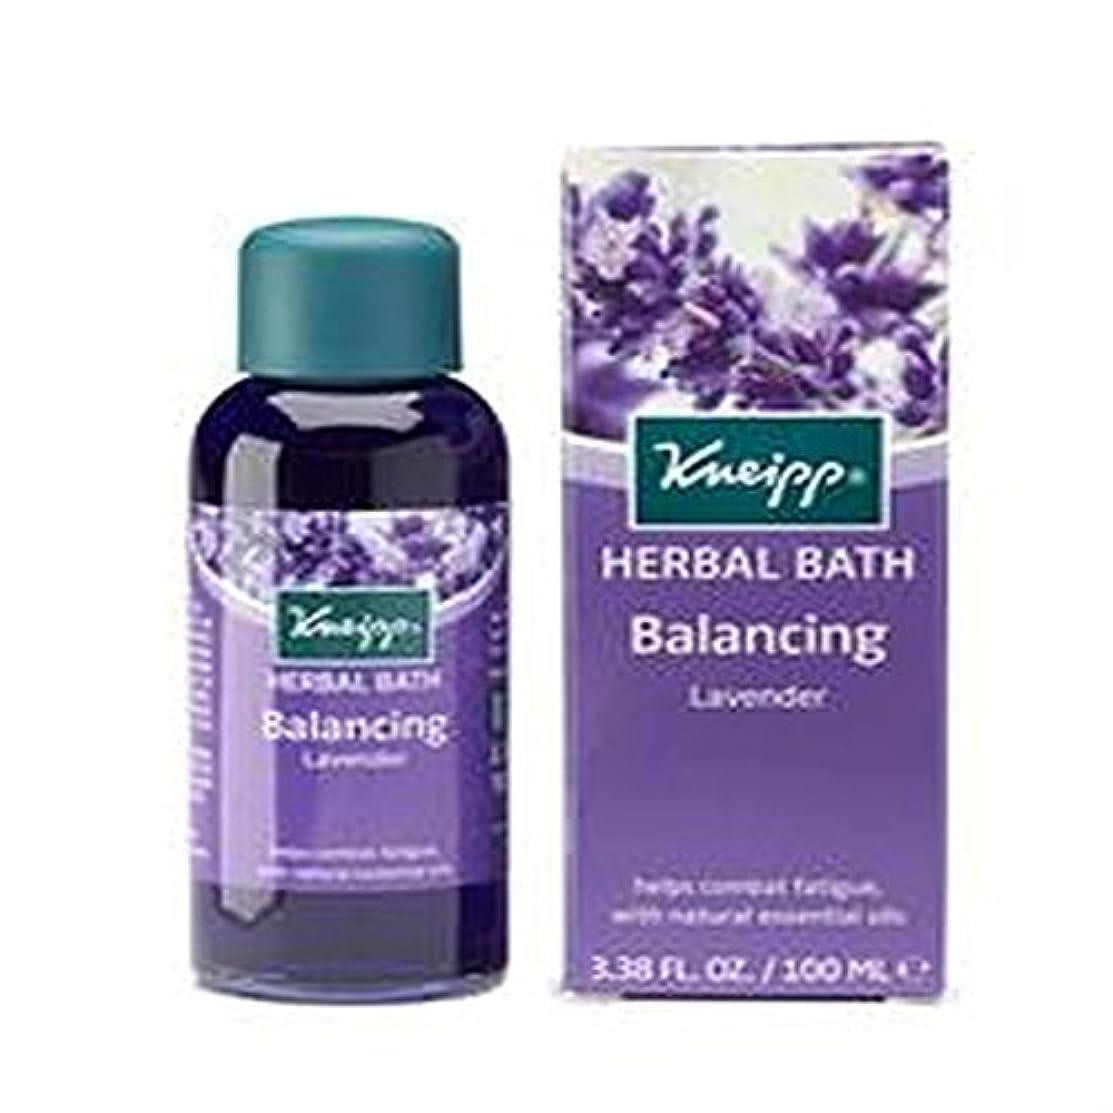 レース港投資Kneipp Balancing Lavender Herbal Bath - 3.38 Oz. (並行輸入品) [並行輸入品]